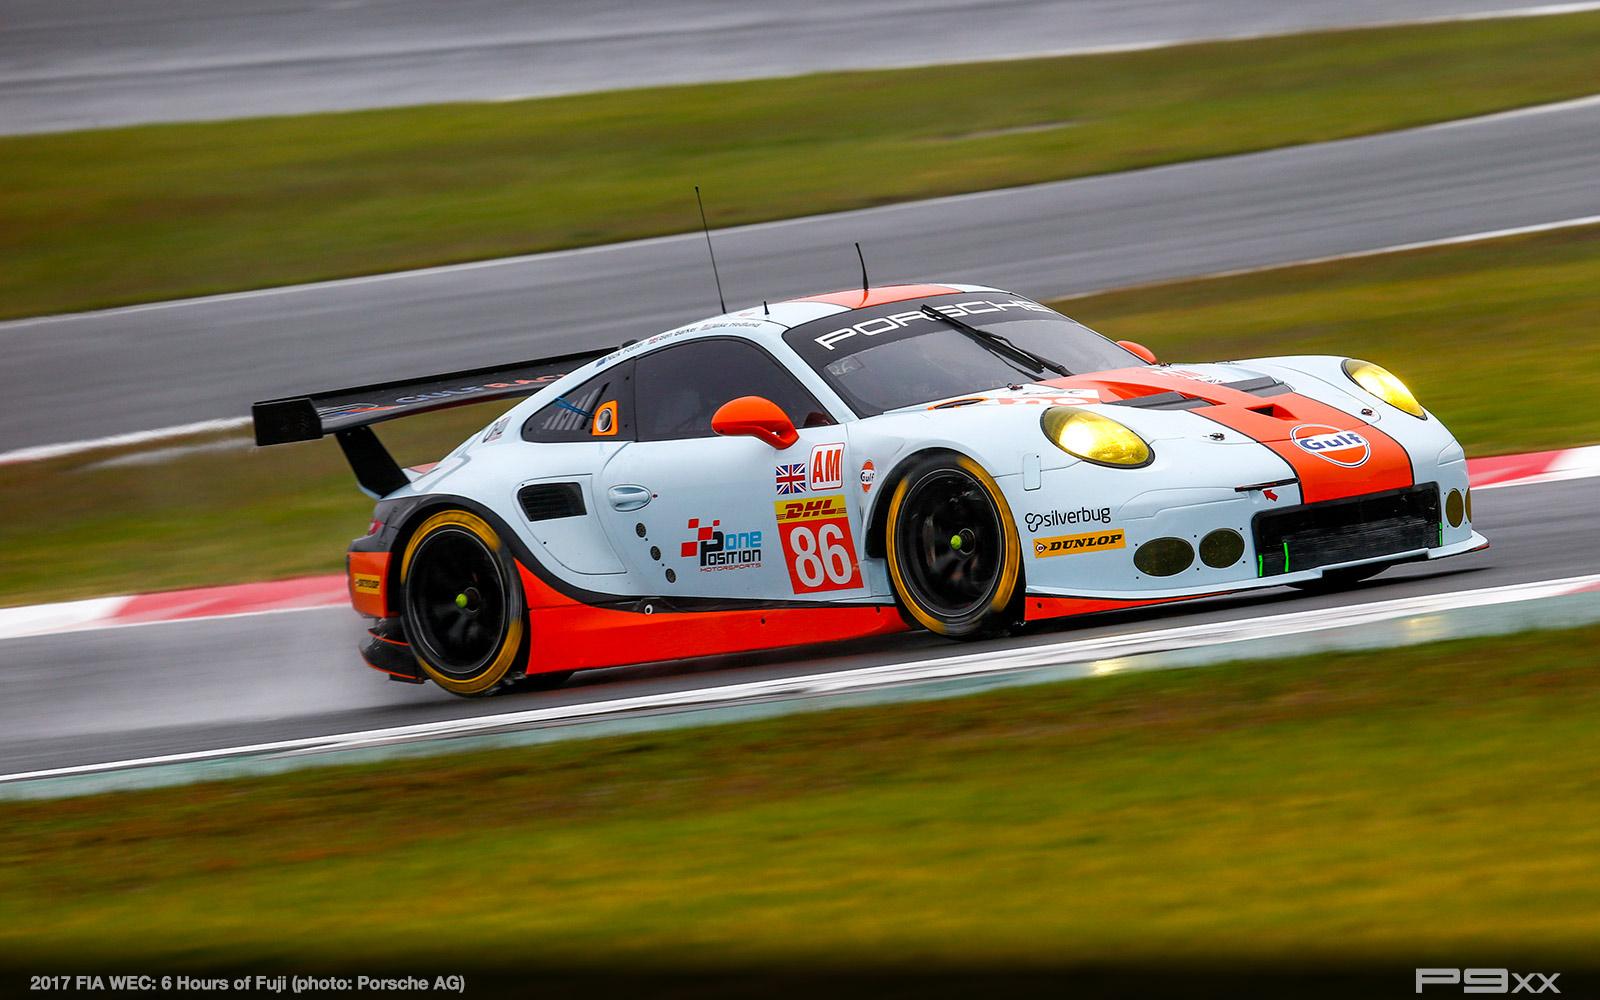 2017-FIA-WEC-6h-of-Fuji-Porsche-379